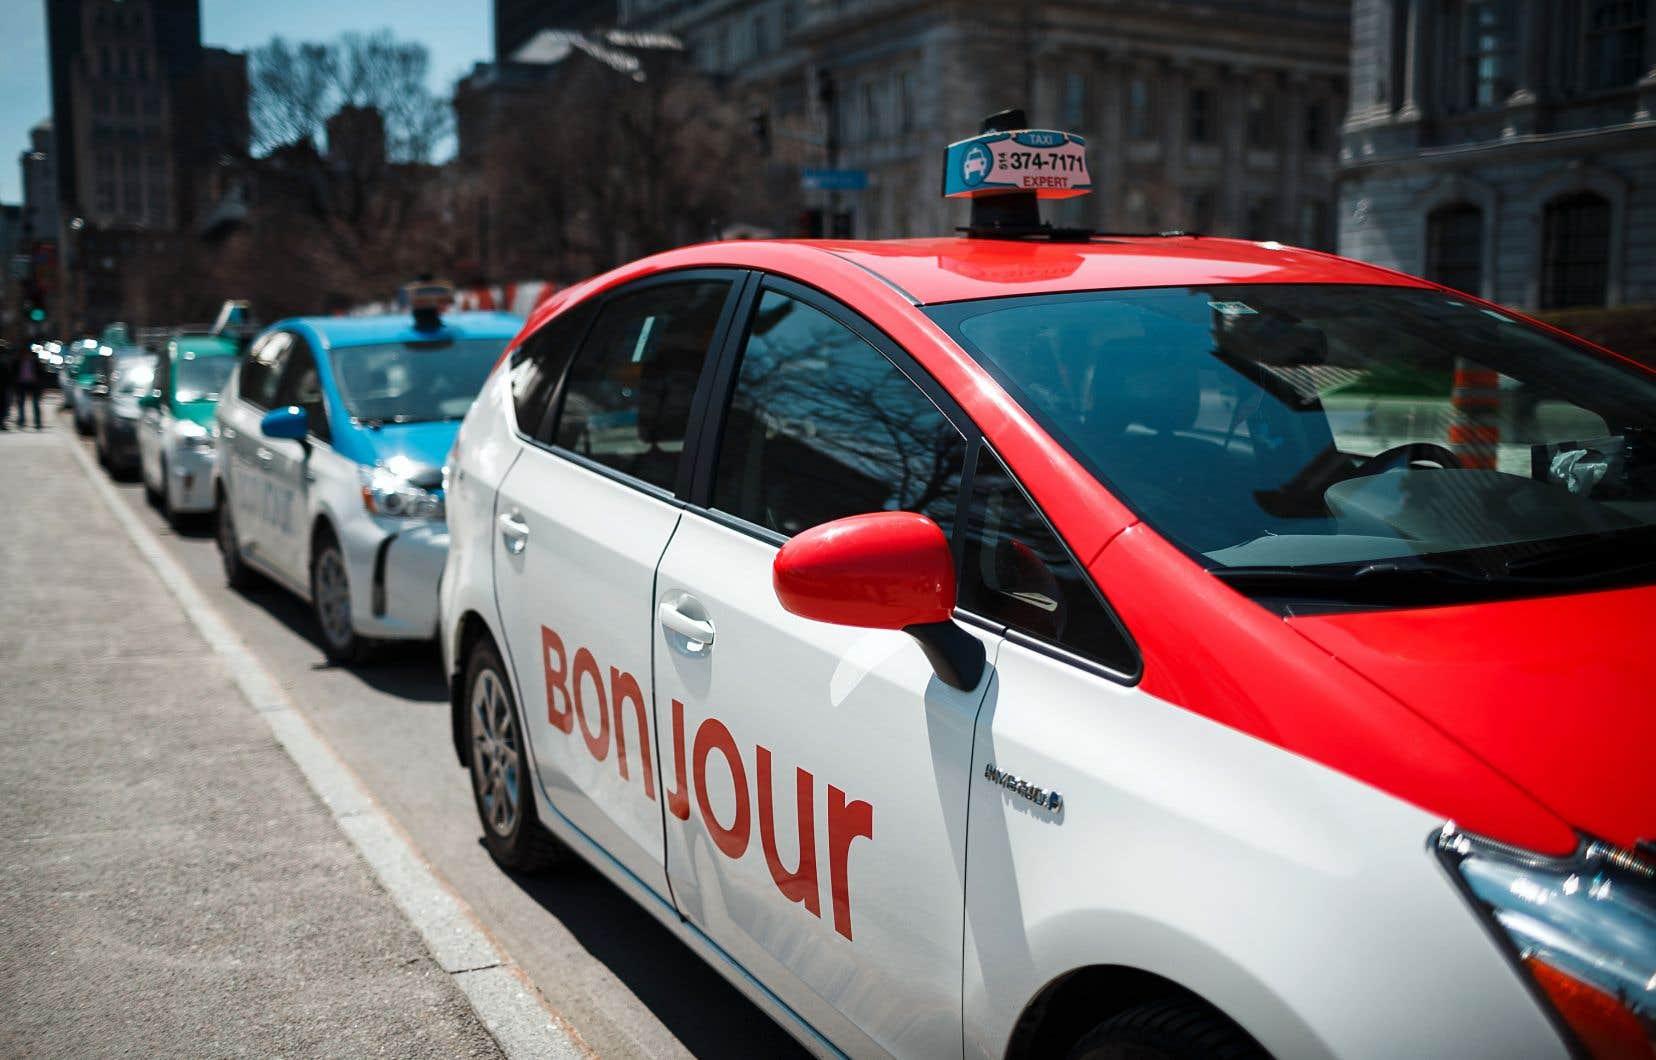 Québec précise que toutes les entreprises de transport de personnes devront équiper leurs voitures de solutions technologiques semblables au MEV.